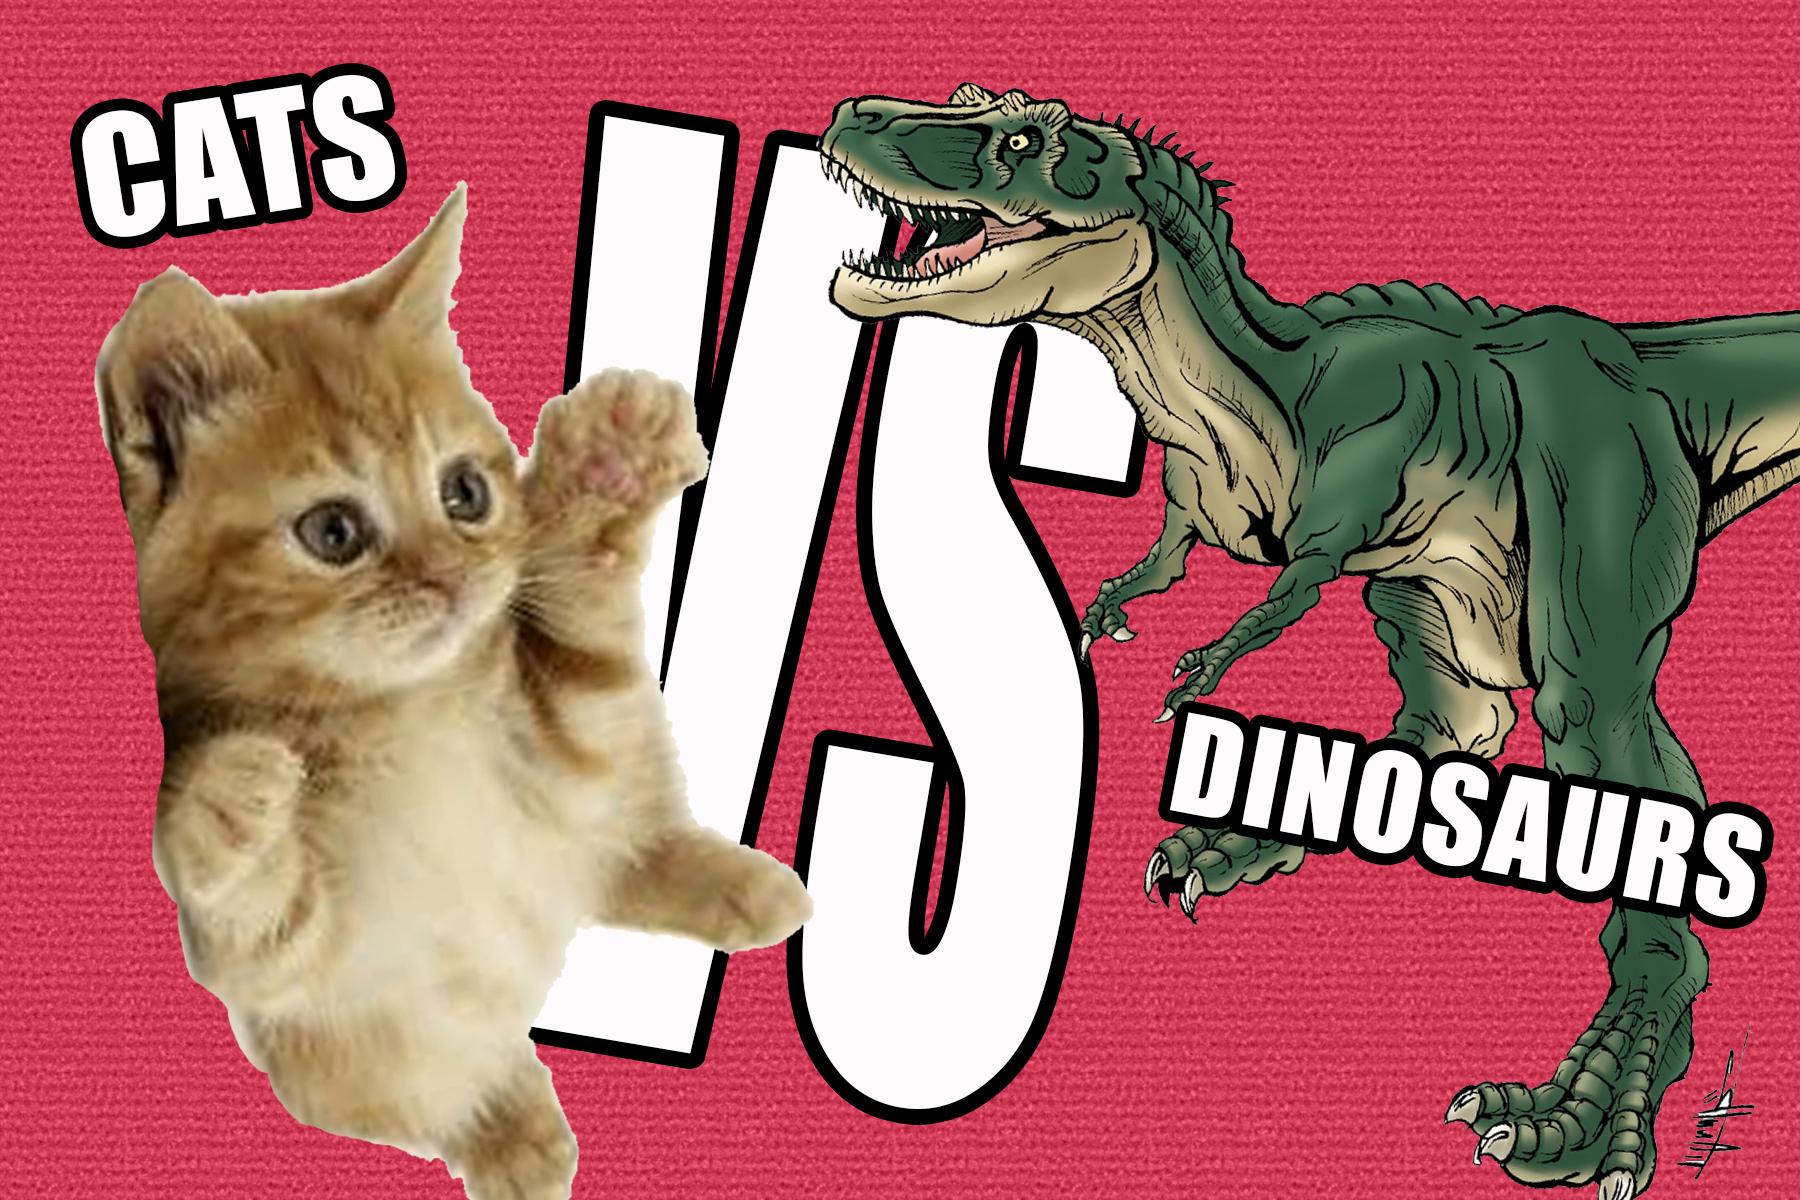 CatsVersusDinosaurs